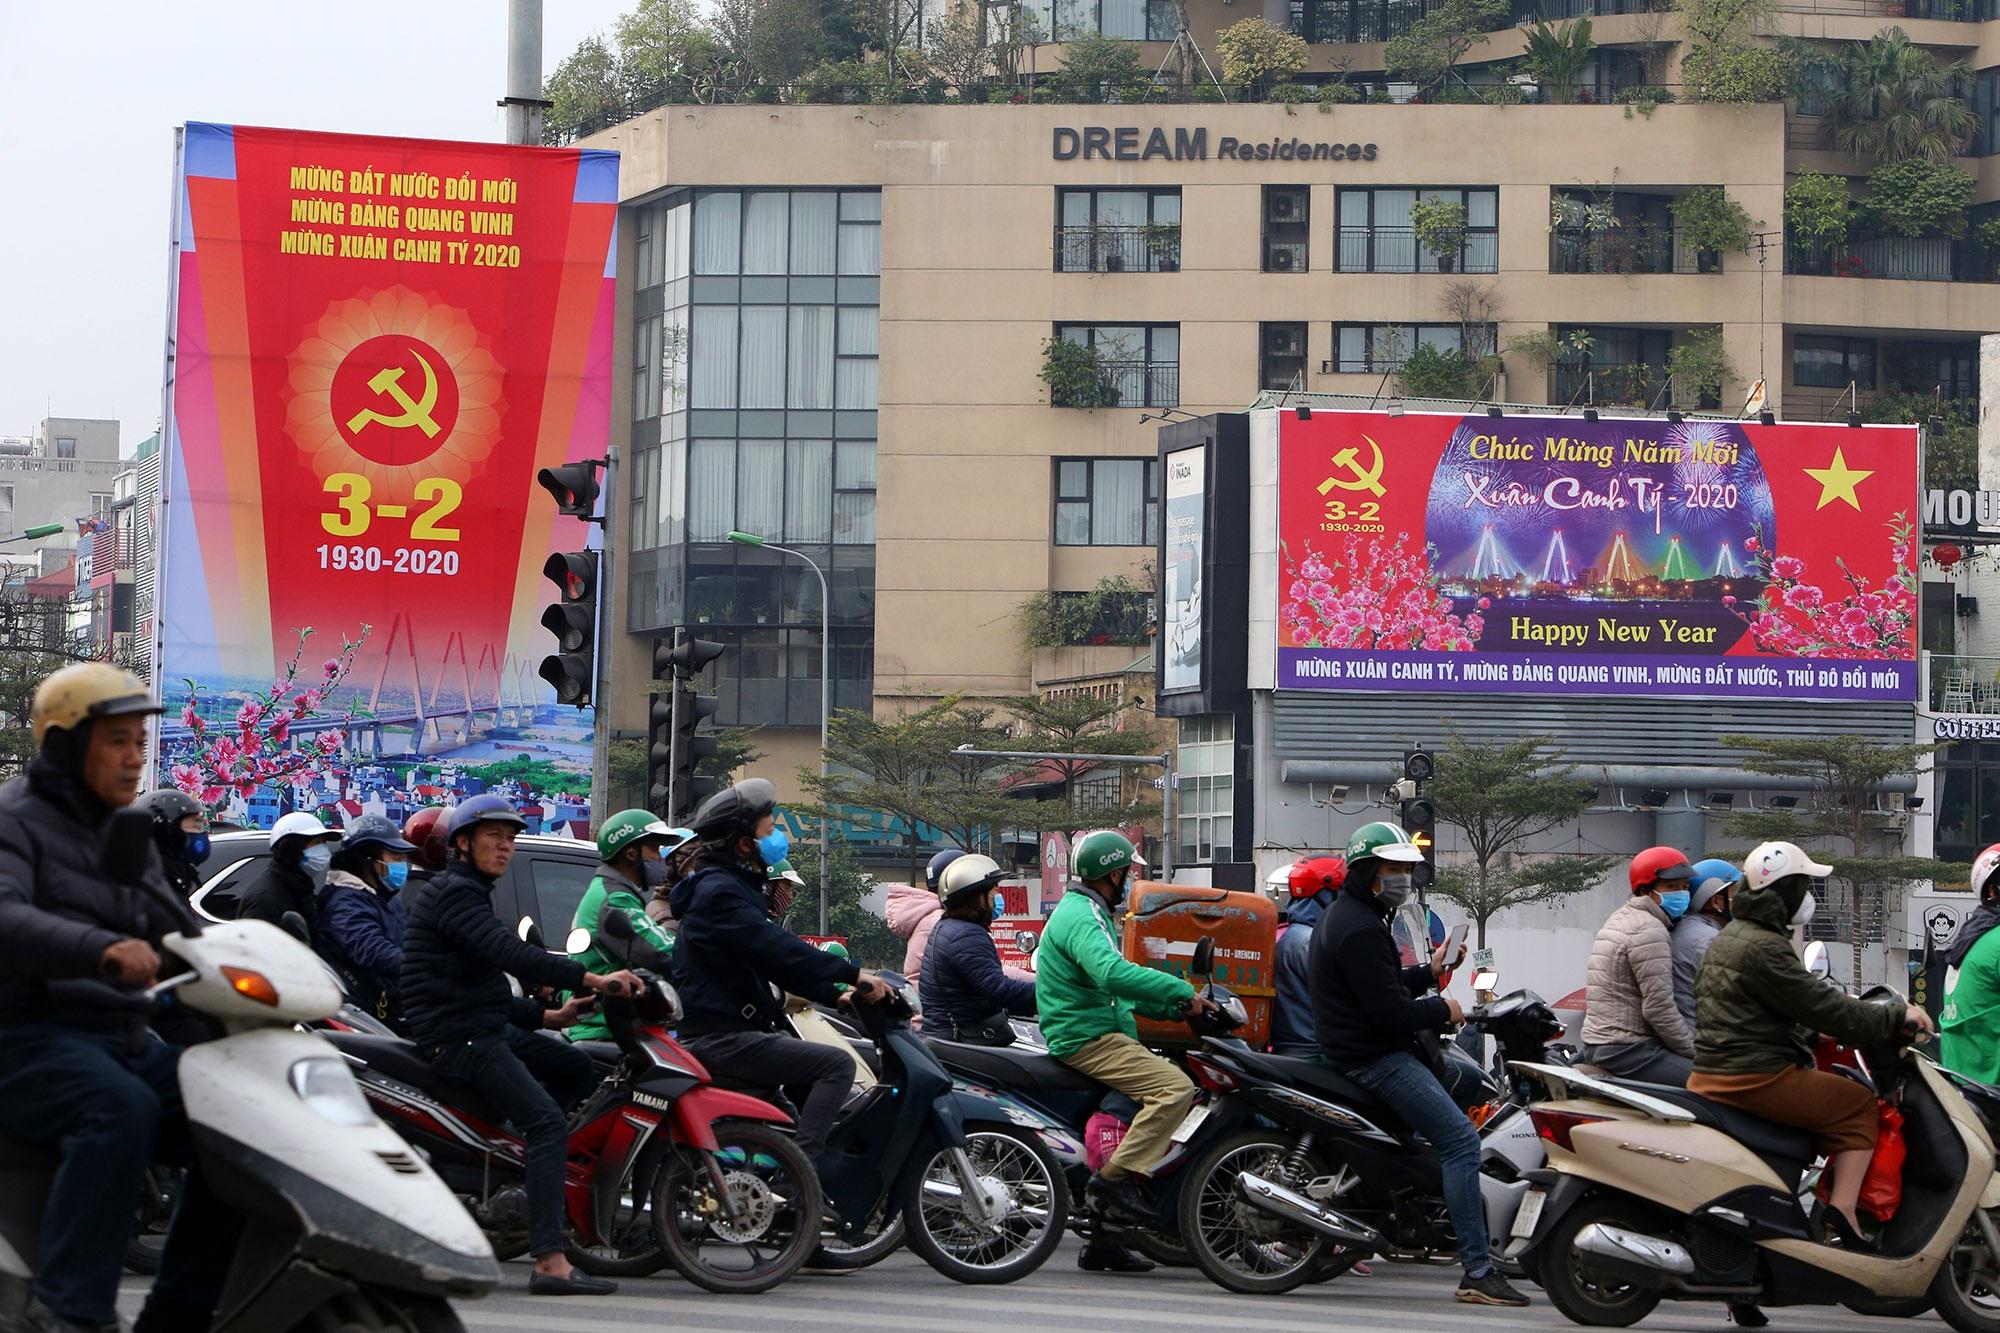 Hà Nội rực rỡ cờ, hoa mừng 90 năm Ngày thành lập Đảng - 7